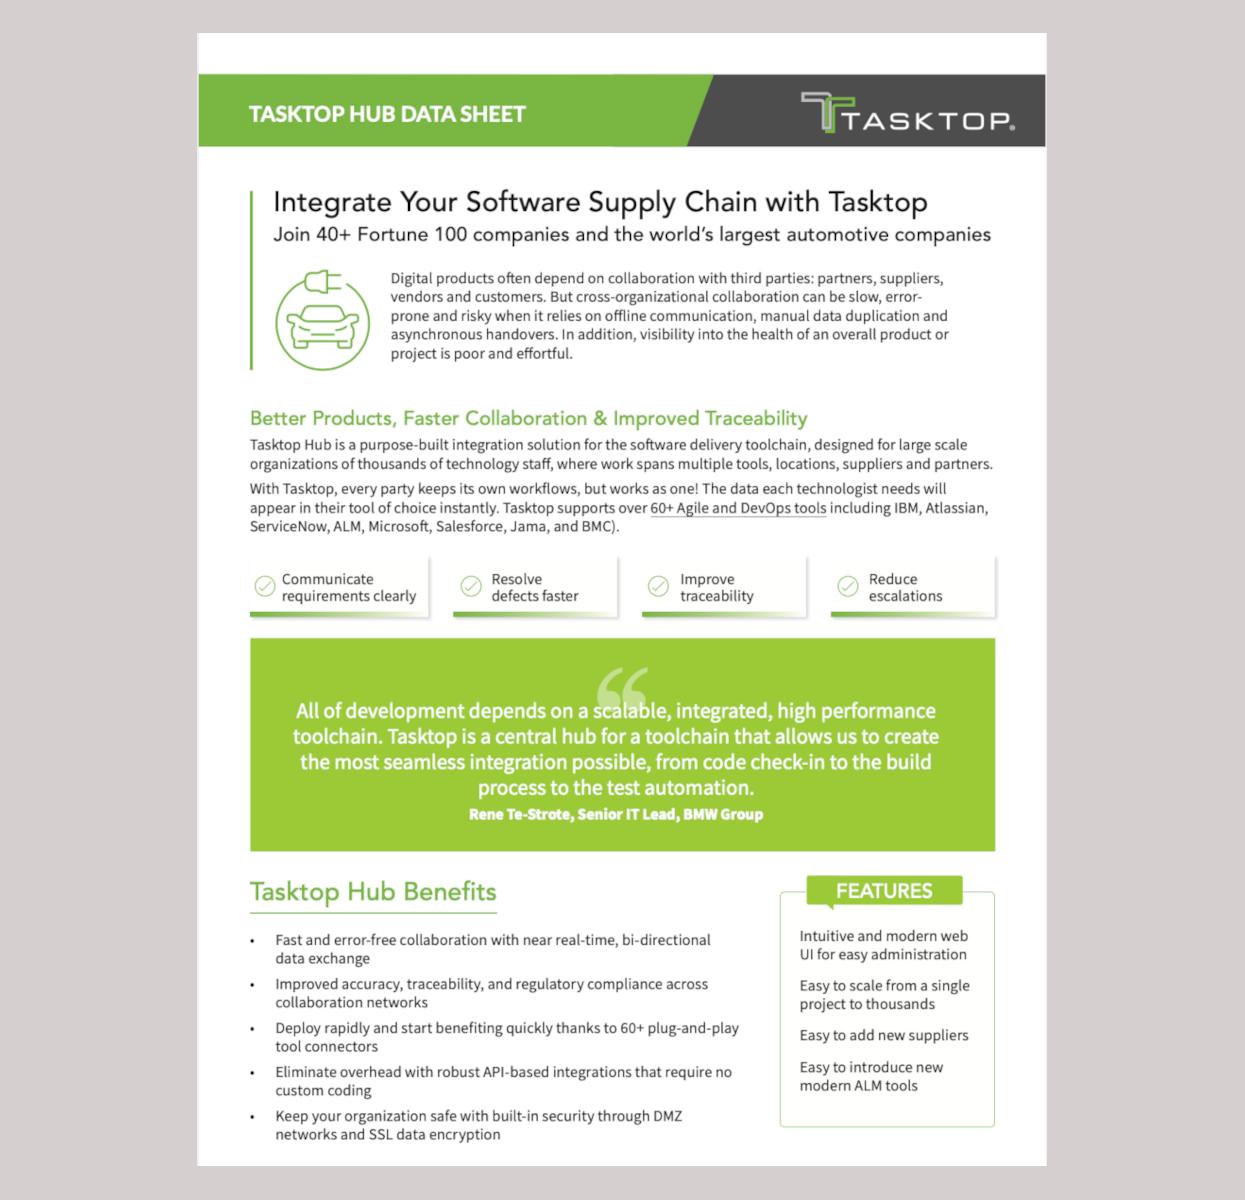 Tasktop hub supply chain data sheet